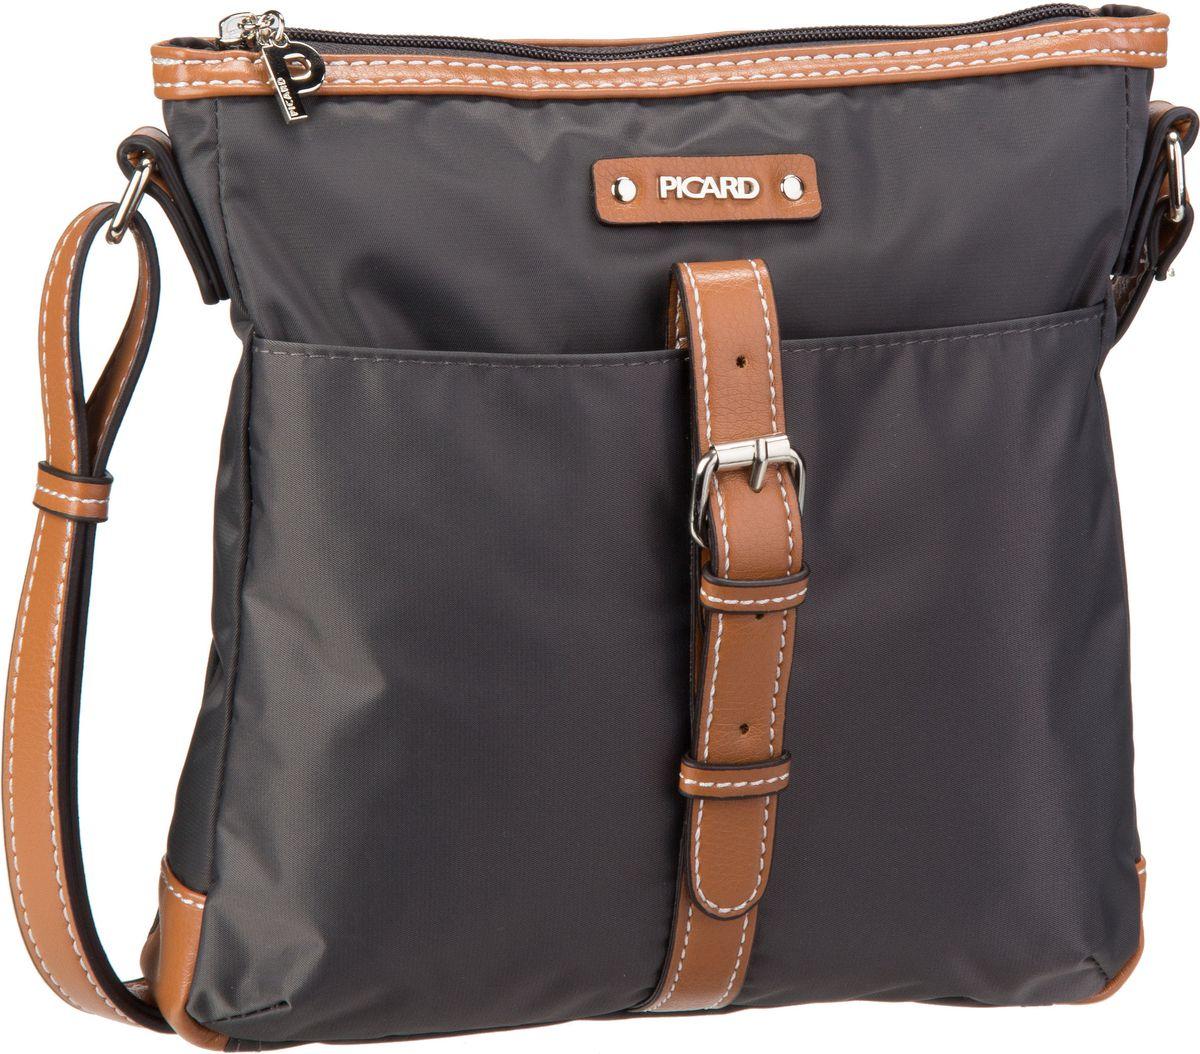 Schultertaschen für Frauen - Picard Umhängetasche Sonja 7830 Anthrazit  - Onlineshop Taschenkaufhaus